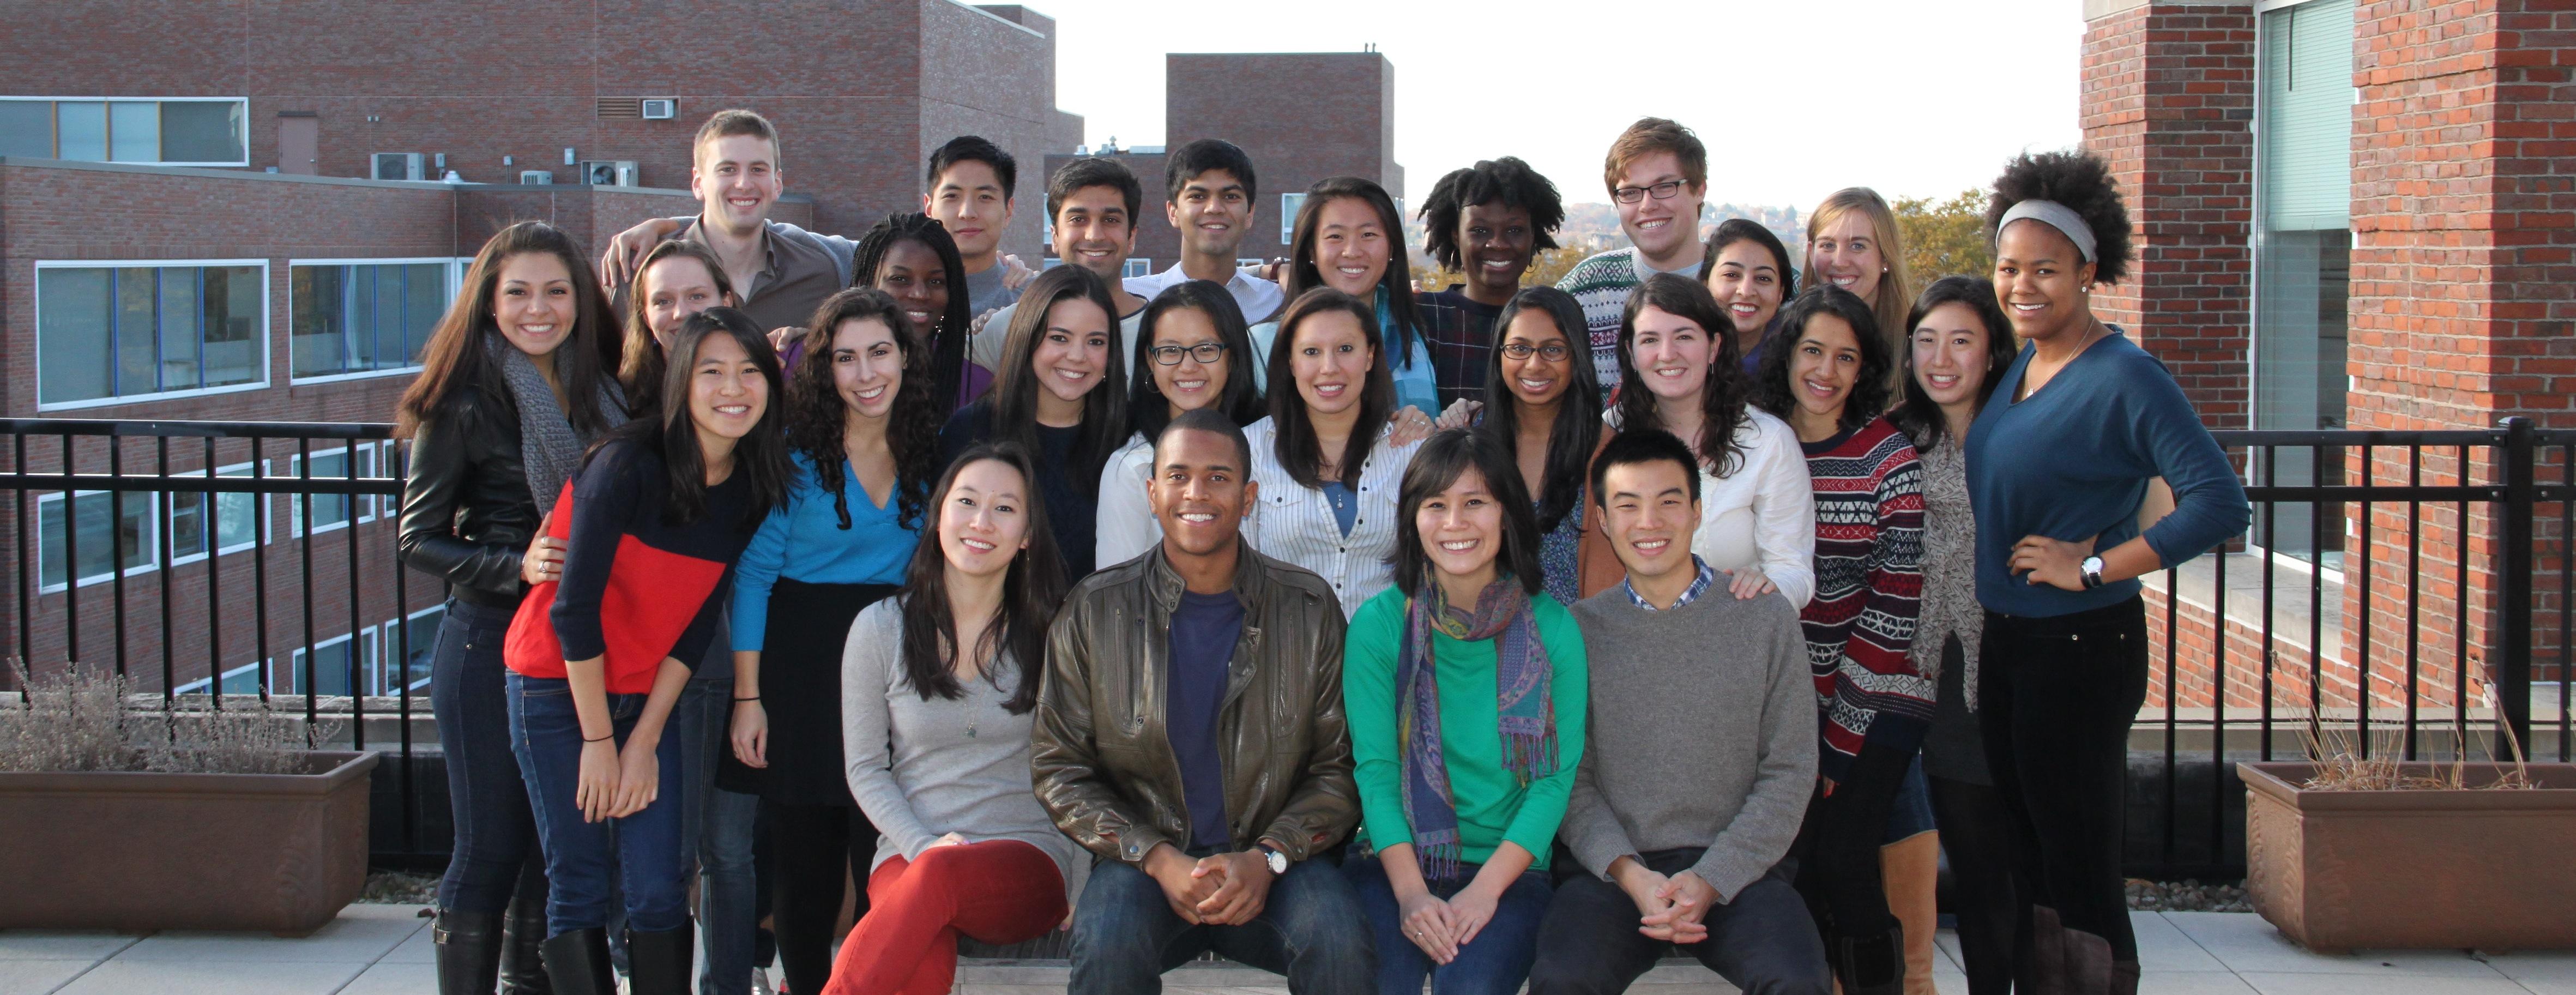 2014 Senior Class Committee